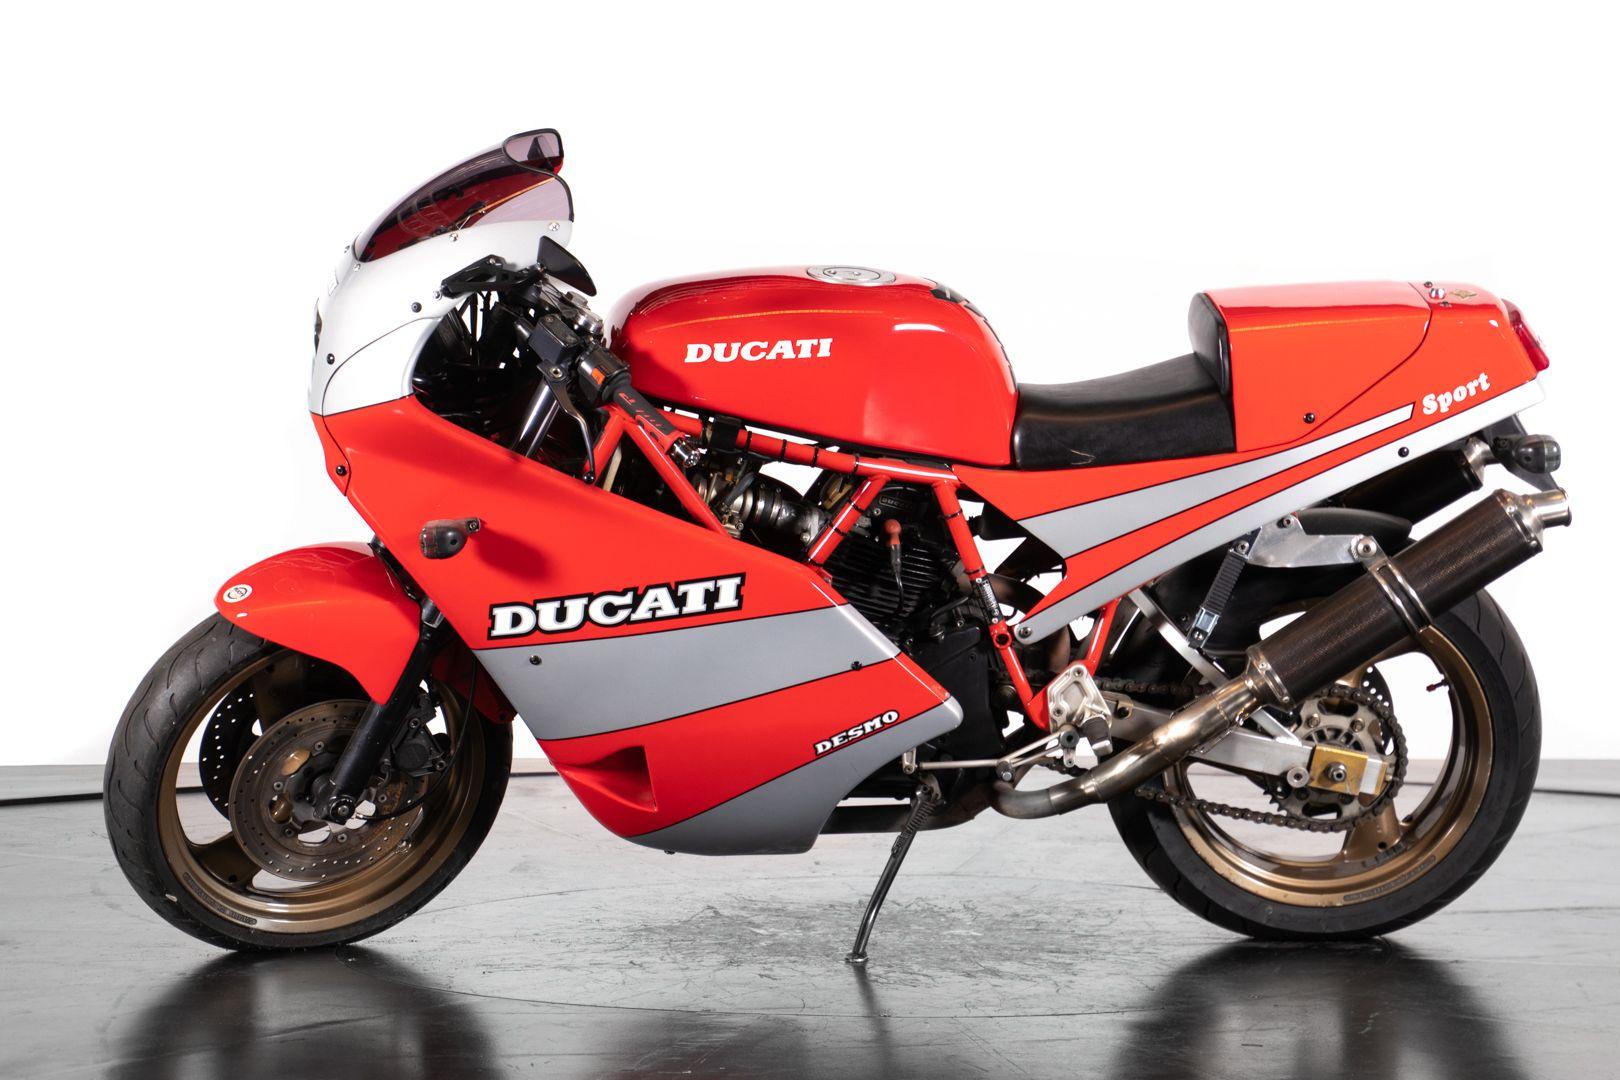 1989 Ducati 820 MAGNESIO PROTOTIPO 74623